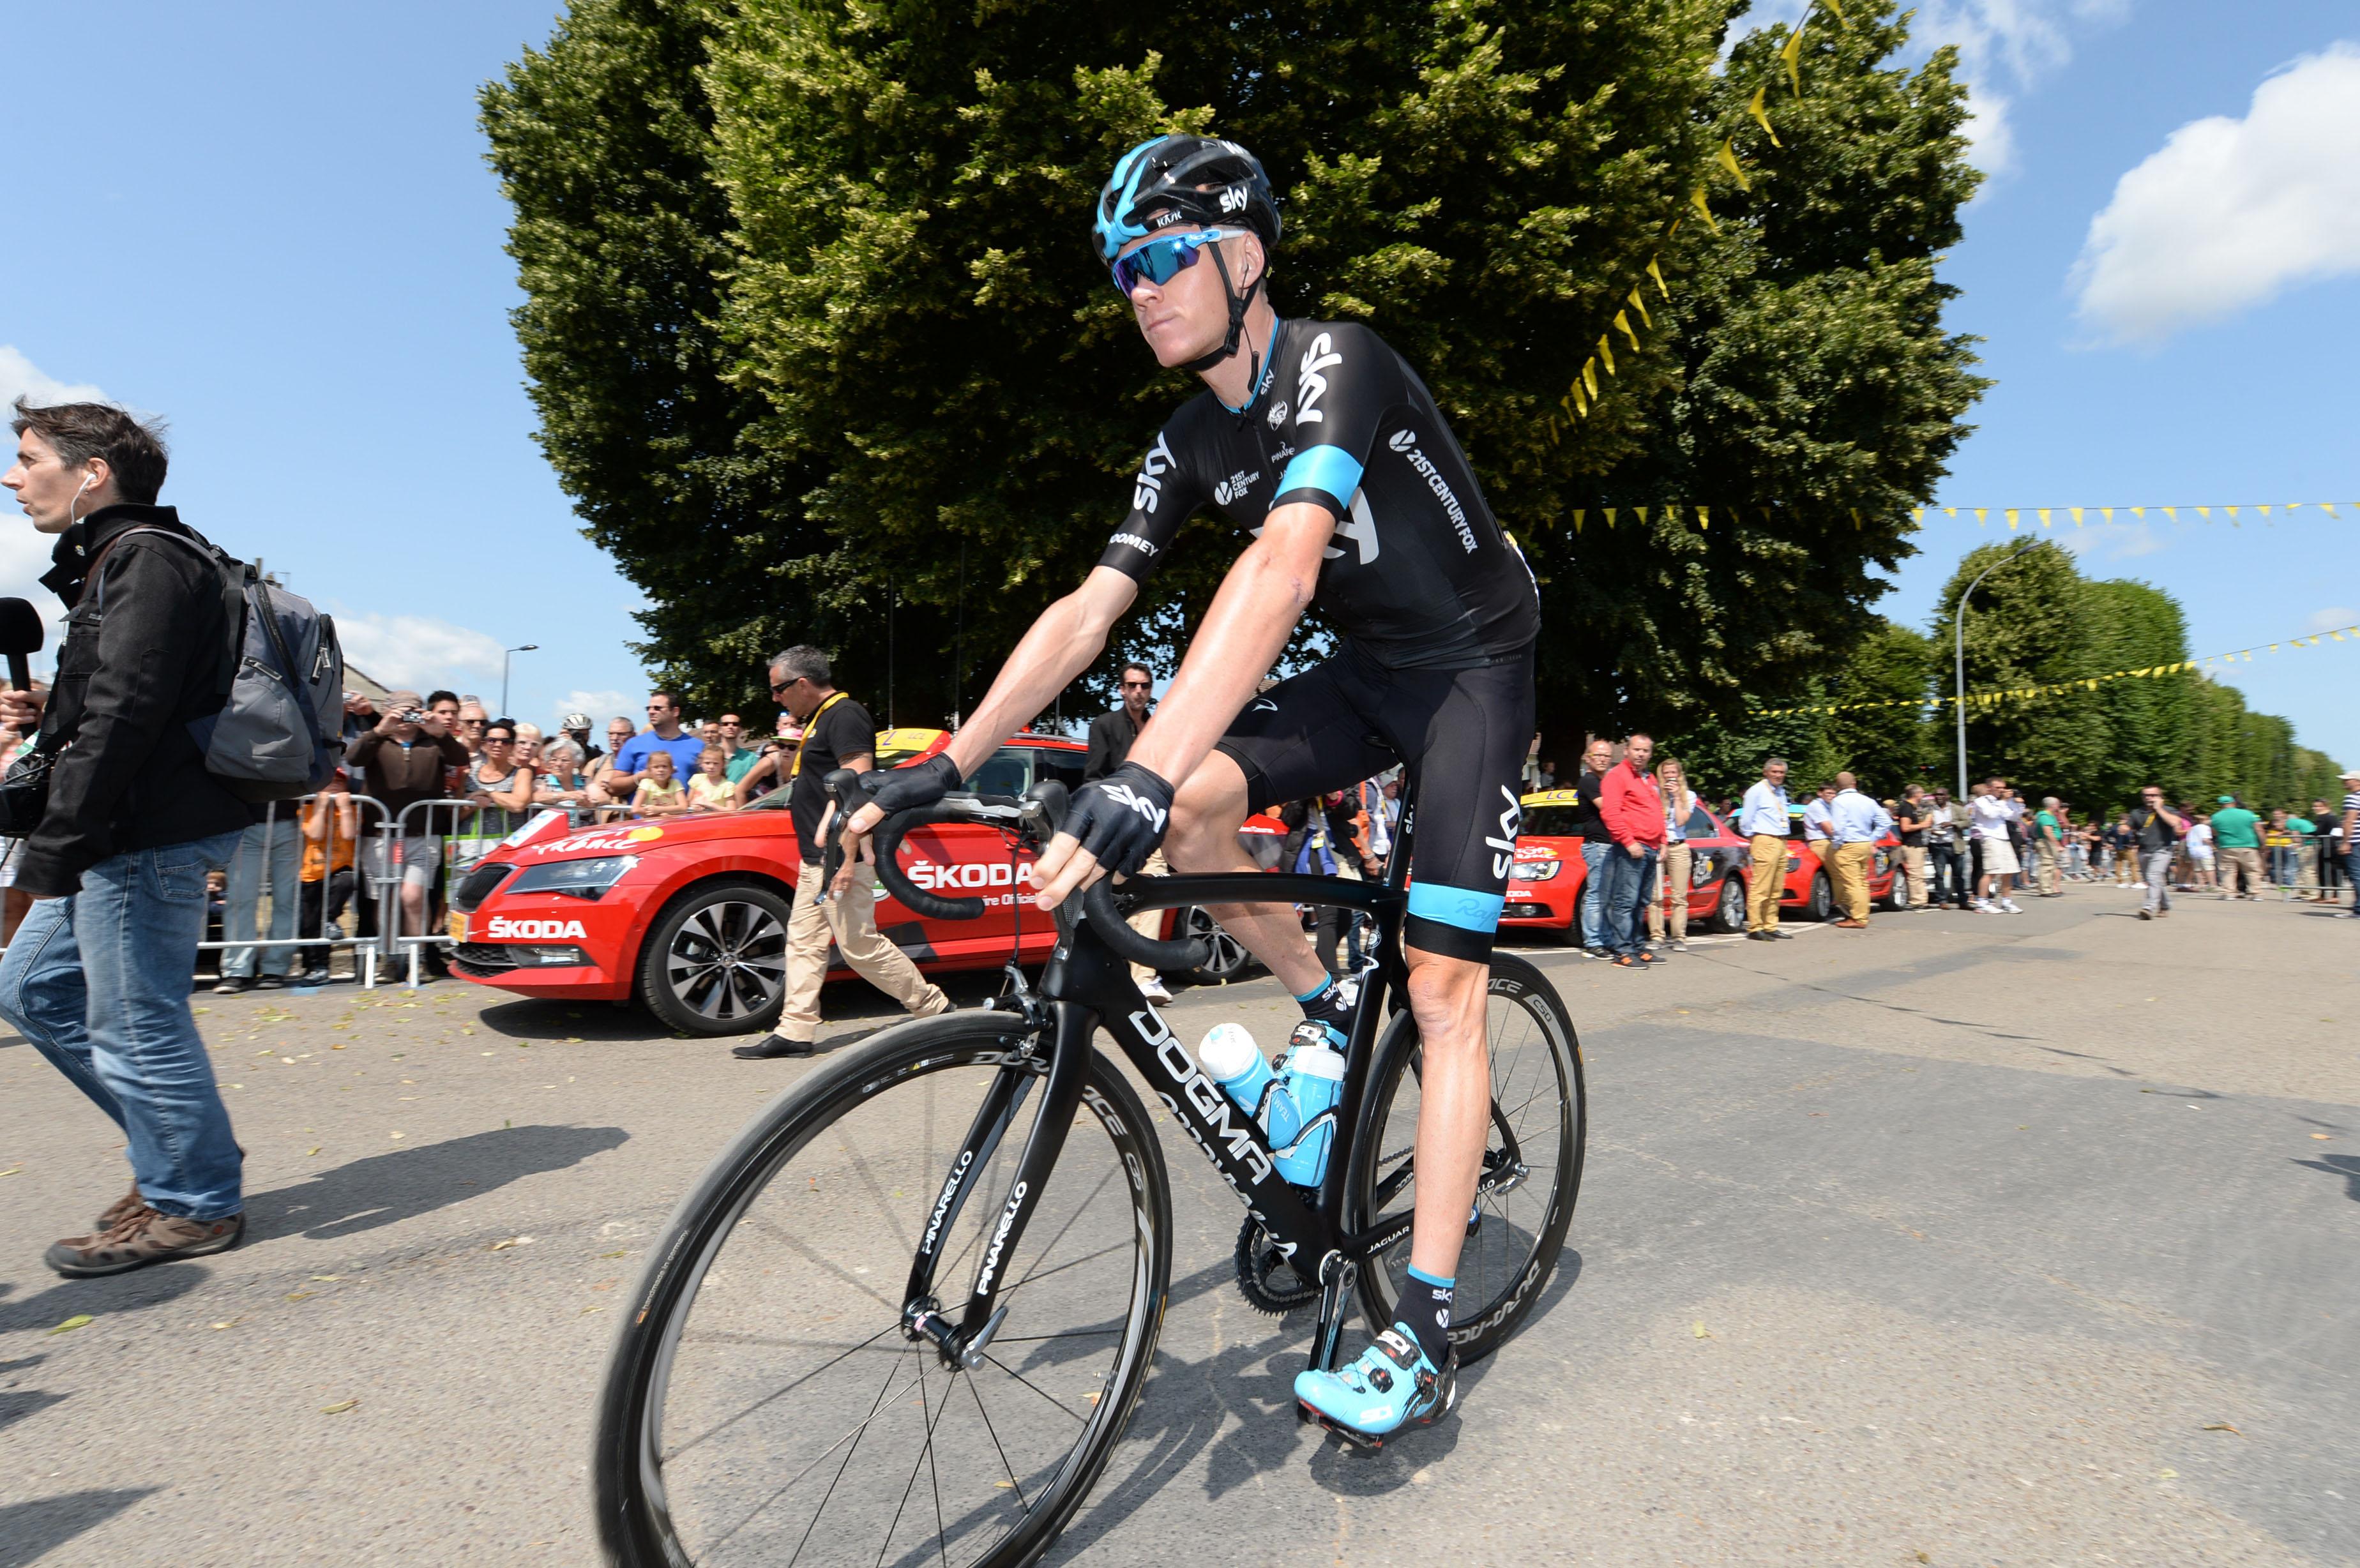 Tour de France 2015 - 6. Etappe - Chris Froome